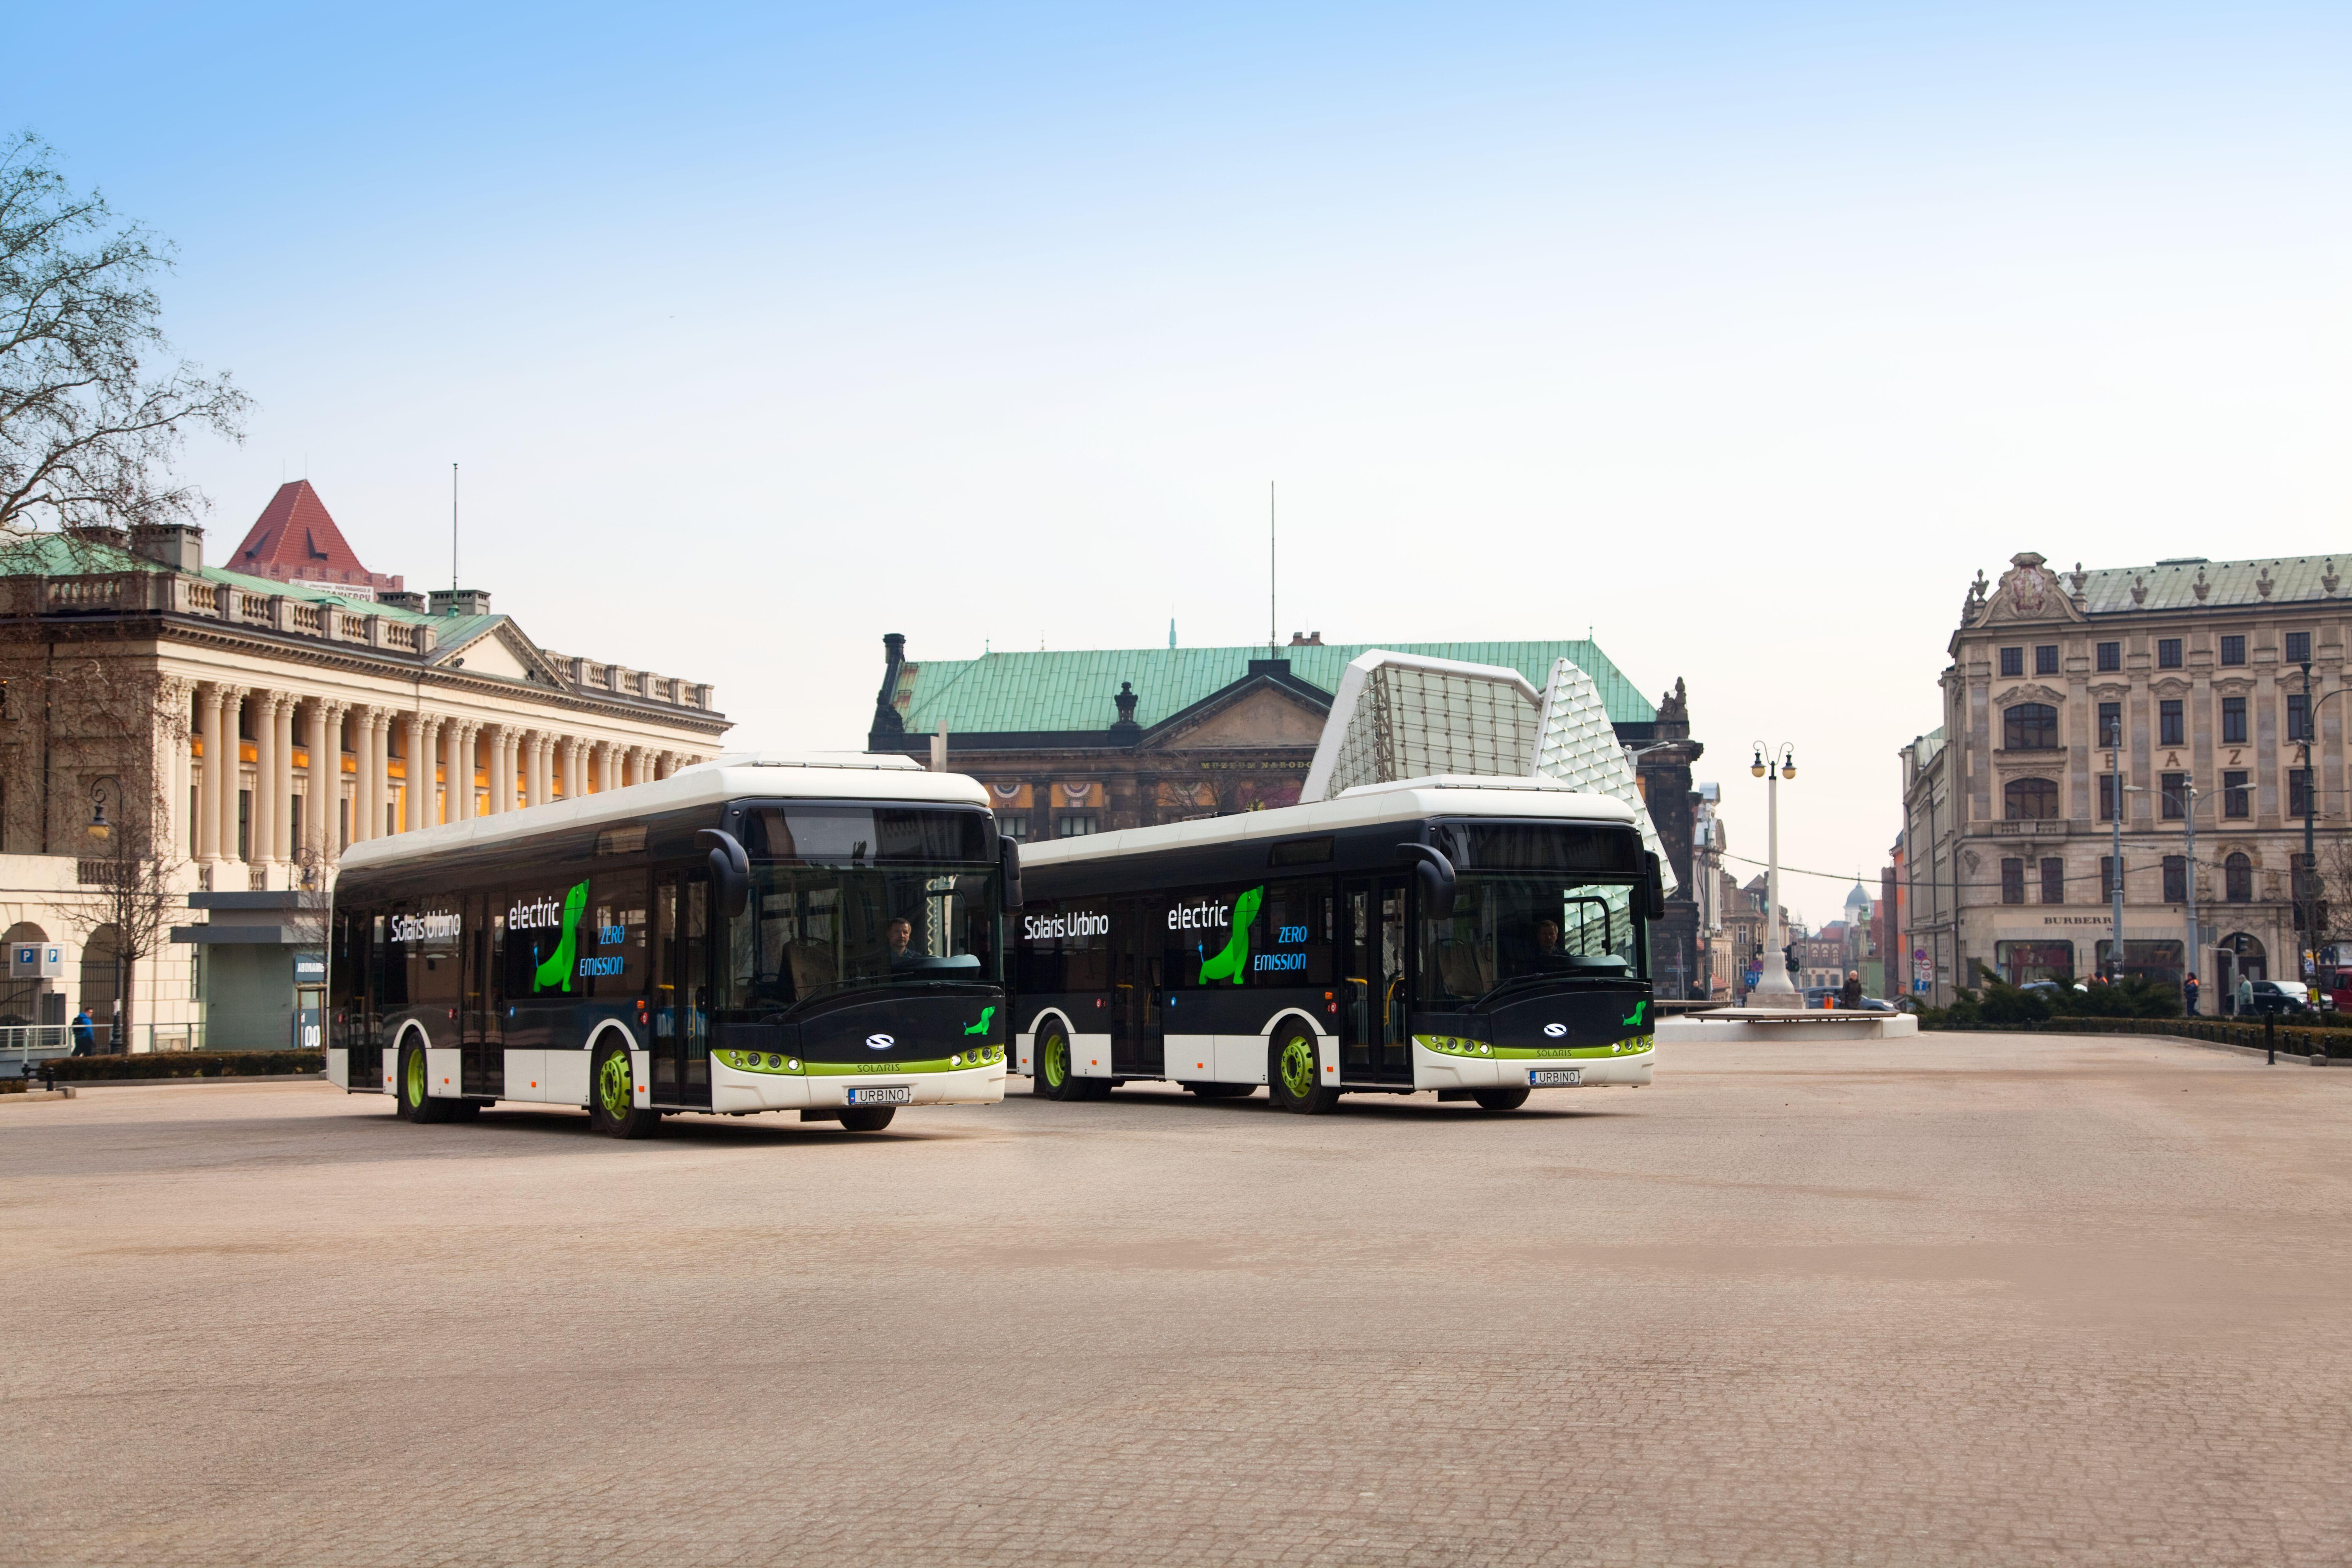 autobus elettrici Solaris a Dusseldorf - Solaris Urbino electric